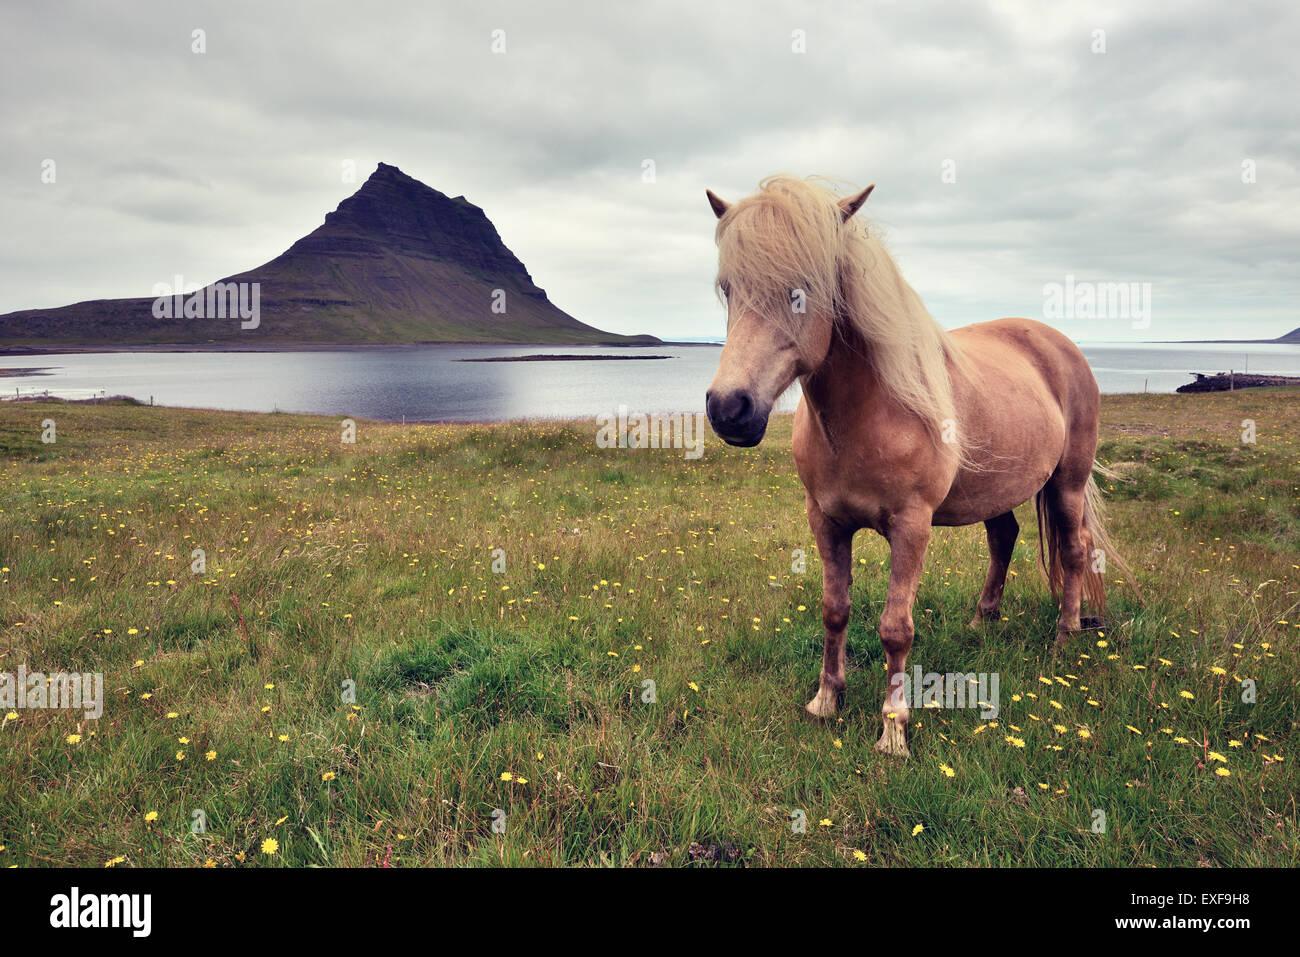 Icelandic horse, Snaefellsnes Peninsula, Iceland - Stock Image